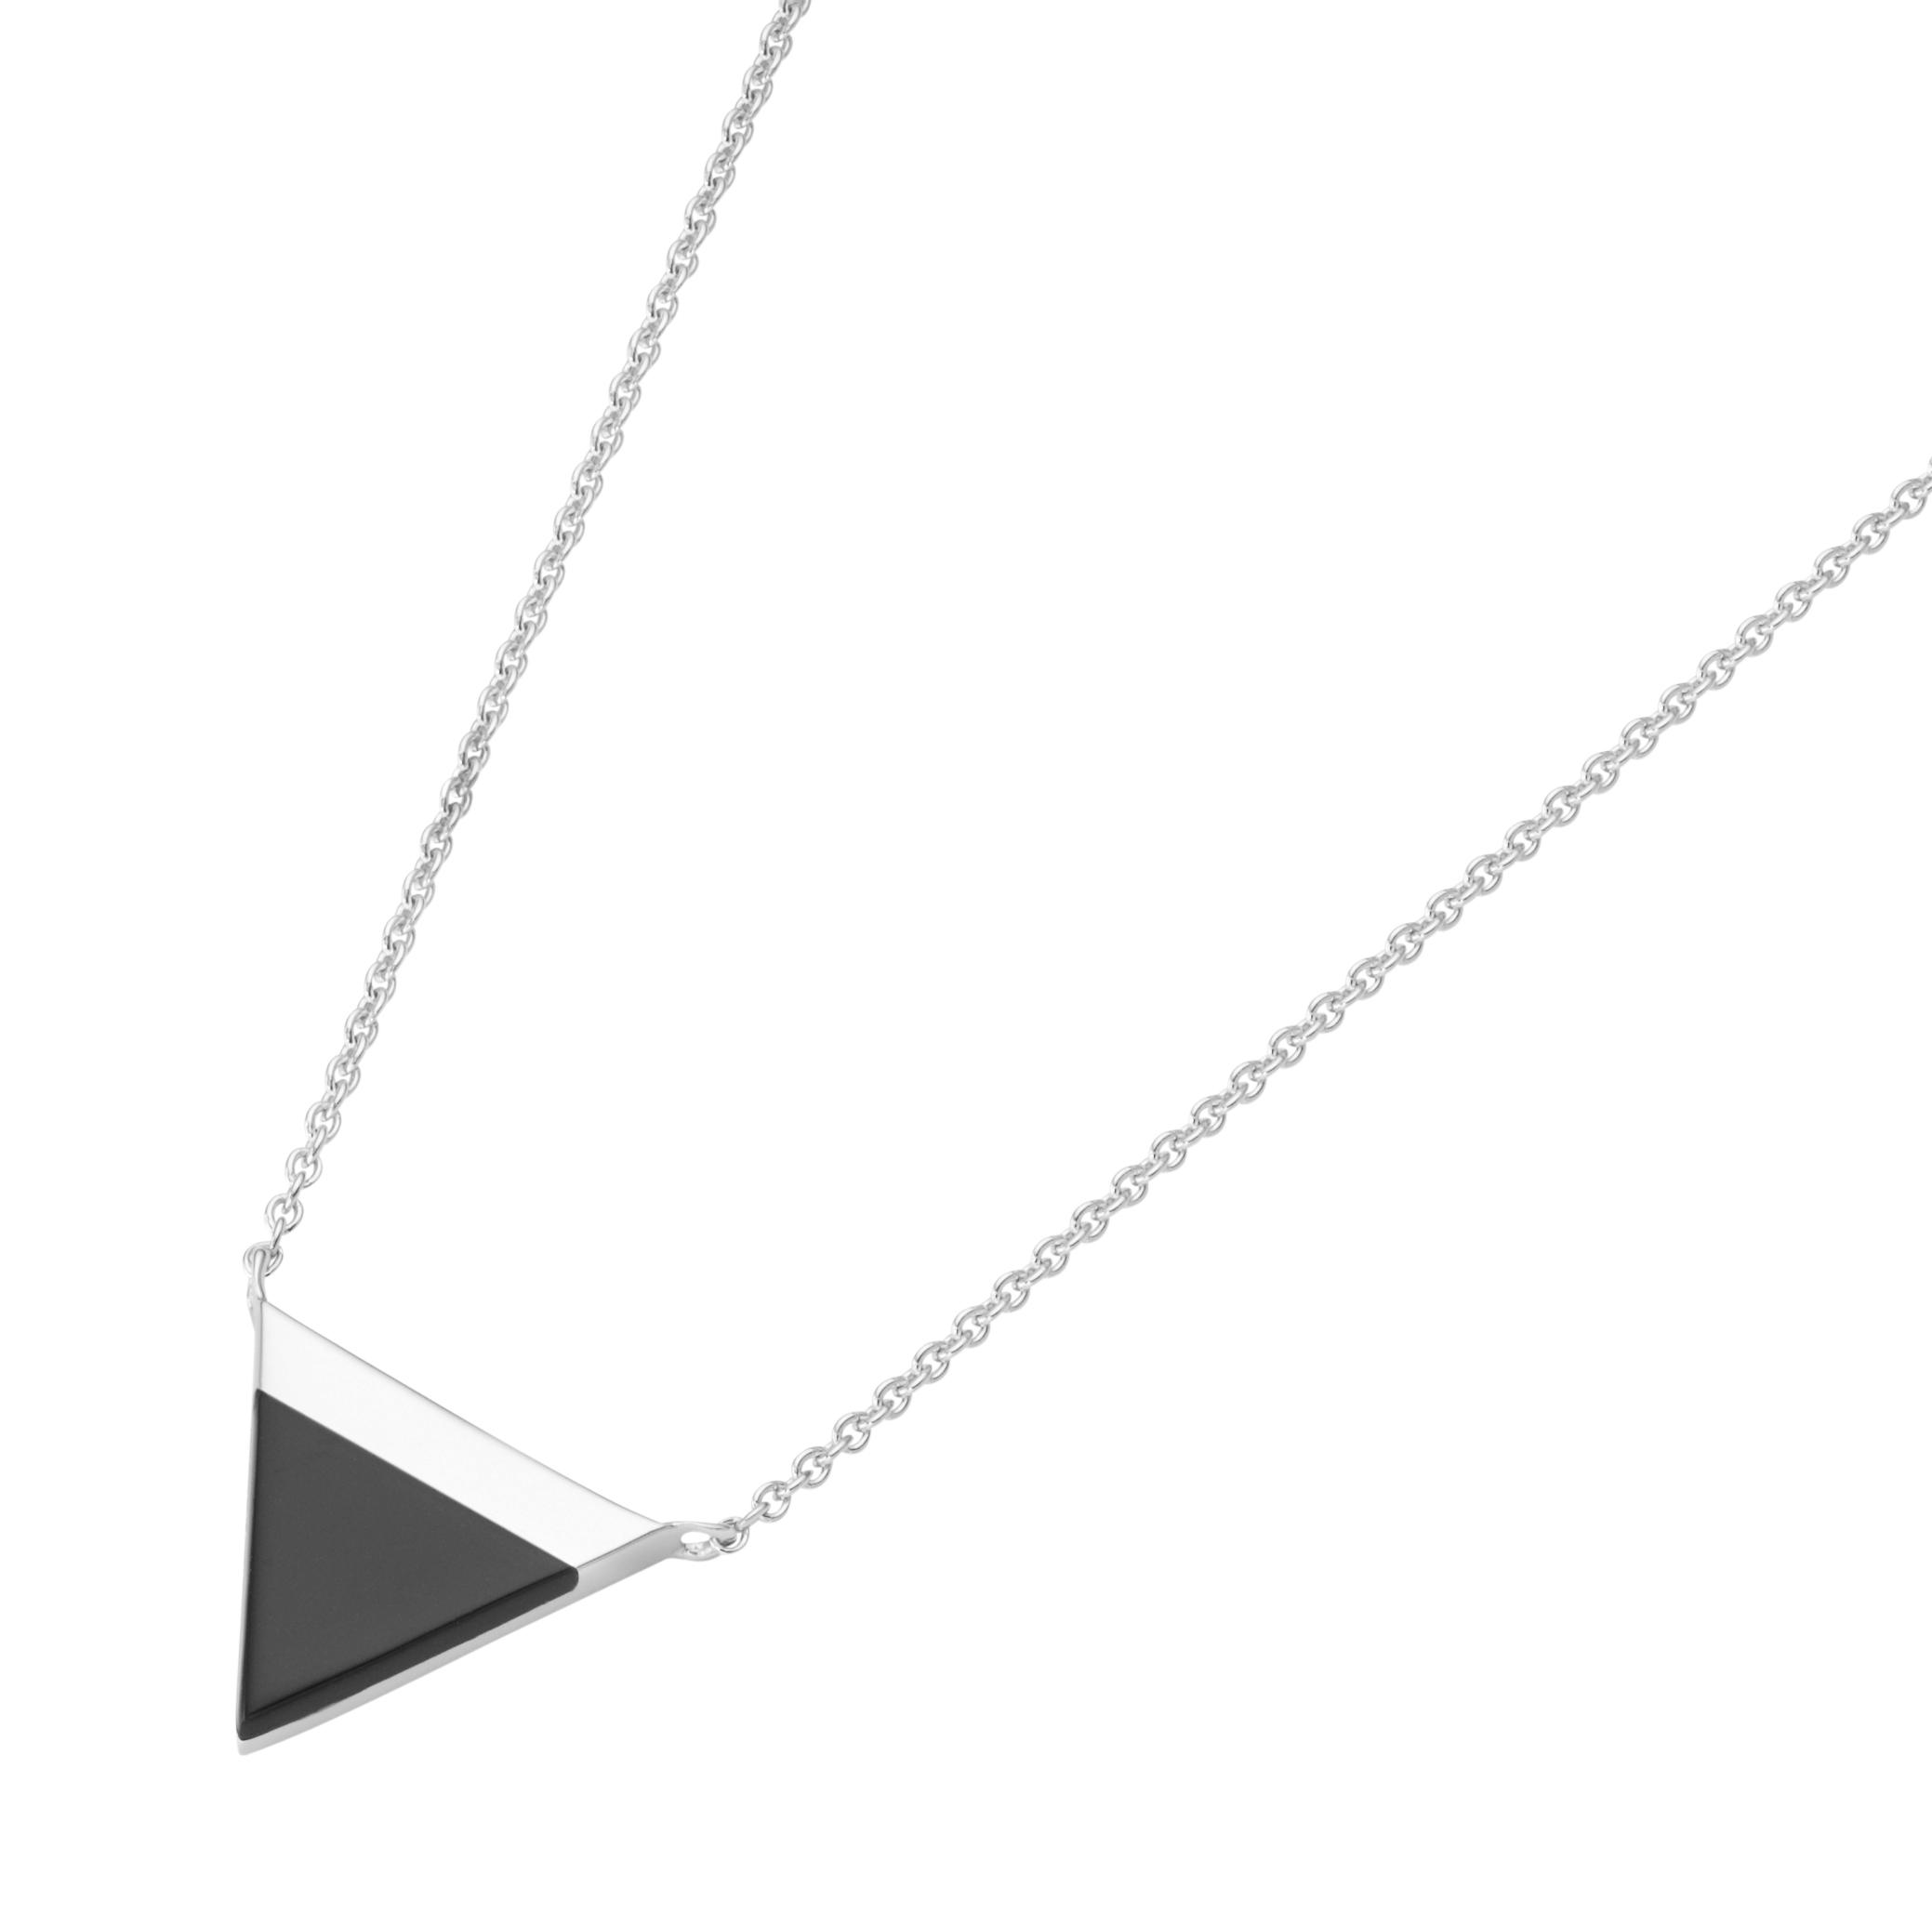 Dreieck Achateinlage, Silber 925